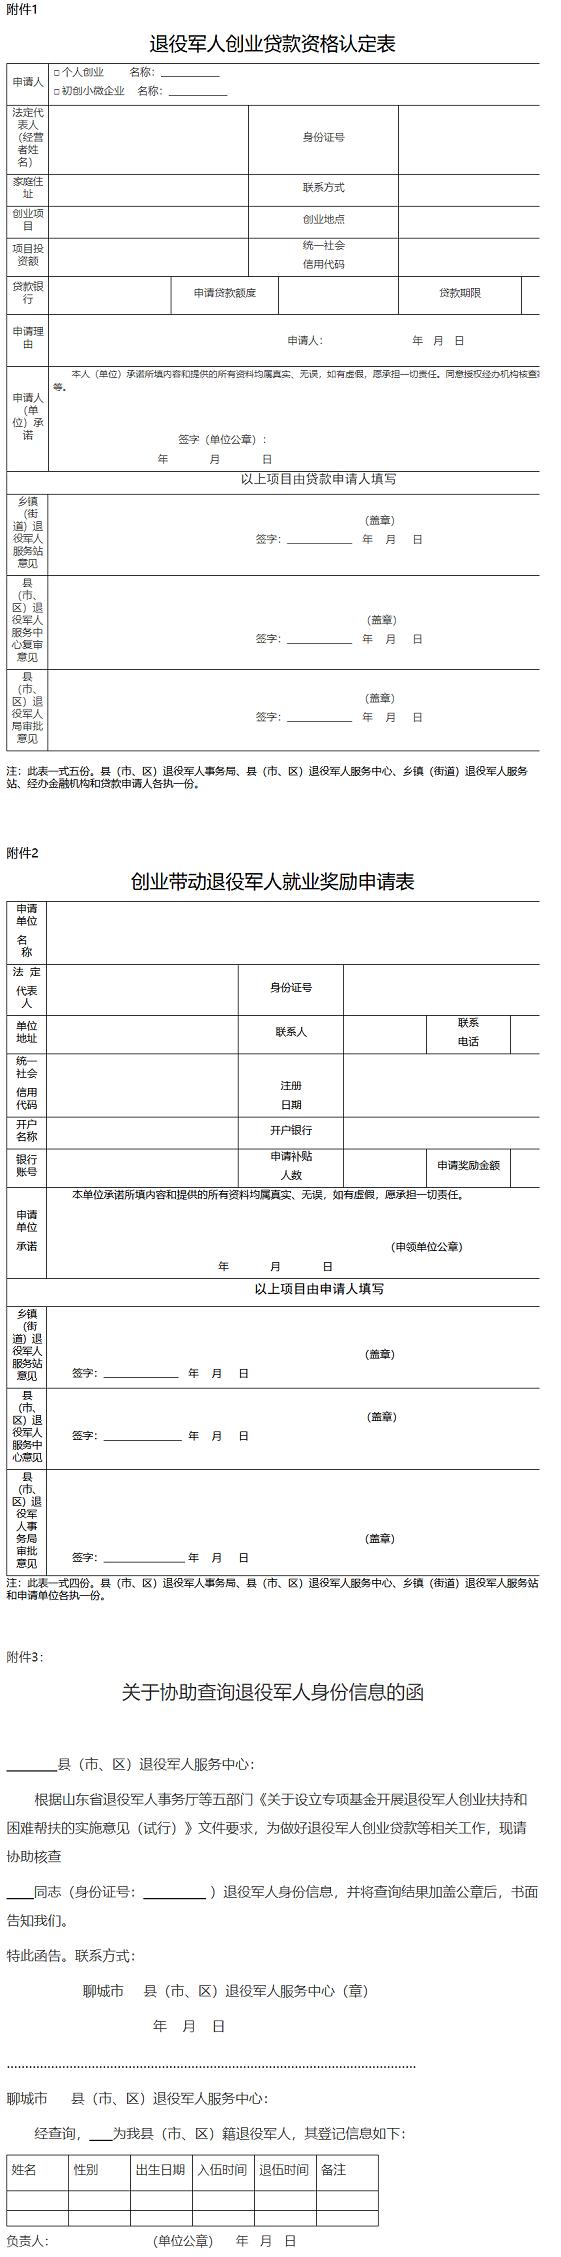 中国聊城-政府信息公开.png